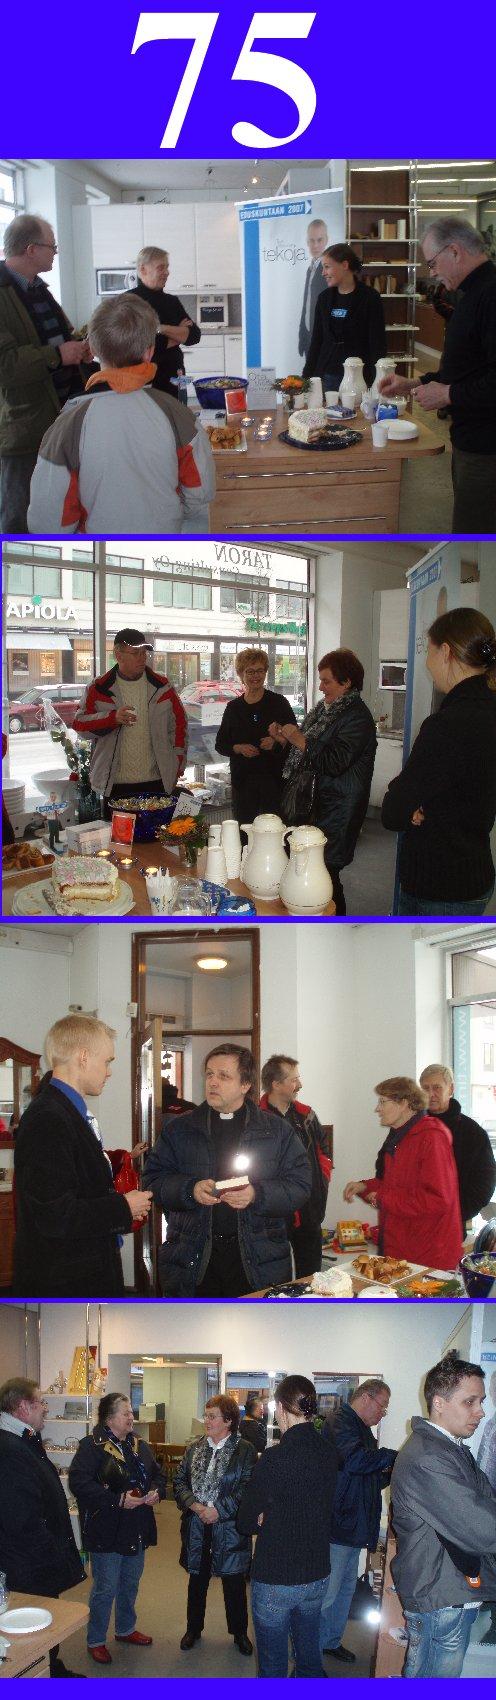 Eilinen 15.2. tarjoillut Numeron saanti -kahvit keräsivät Riihimäen vaalikahvilaan Hämeenkatu 38:aan pitkälti yli 50 kävijää.